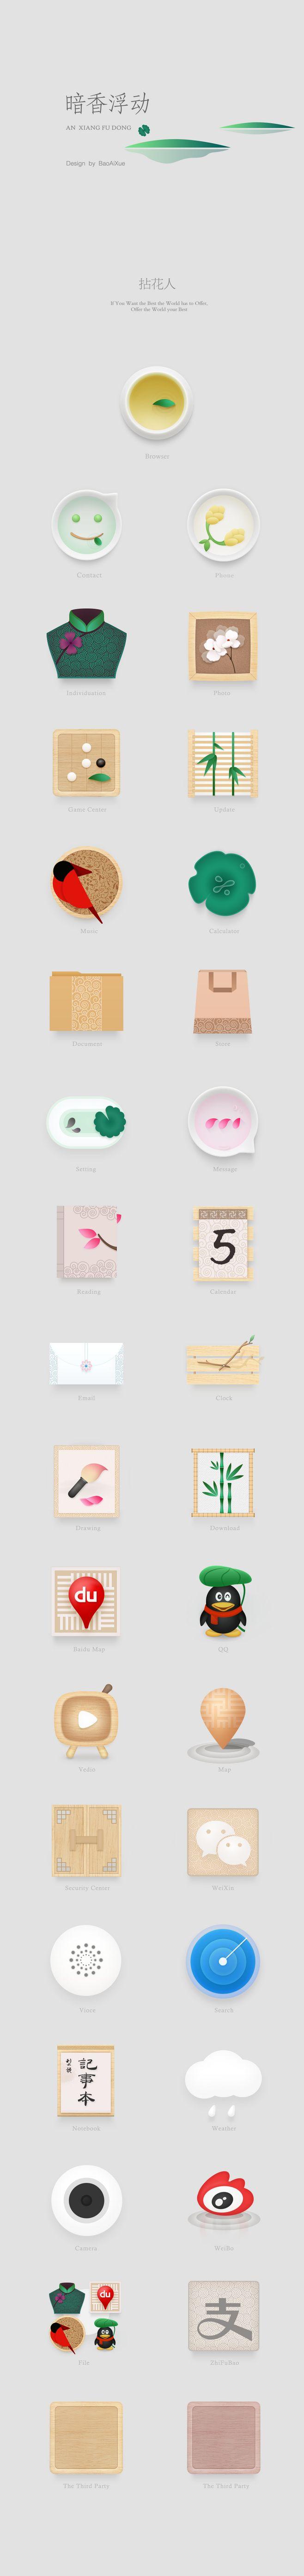 中国风手机主题UI-设计